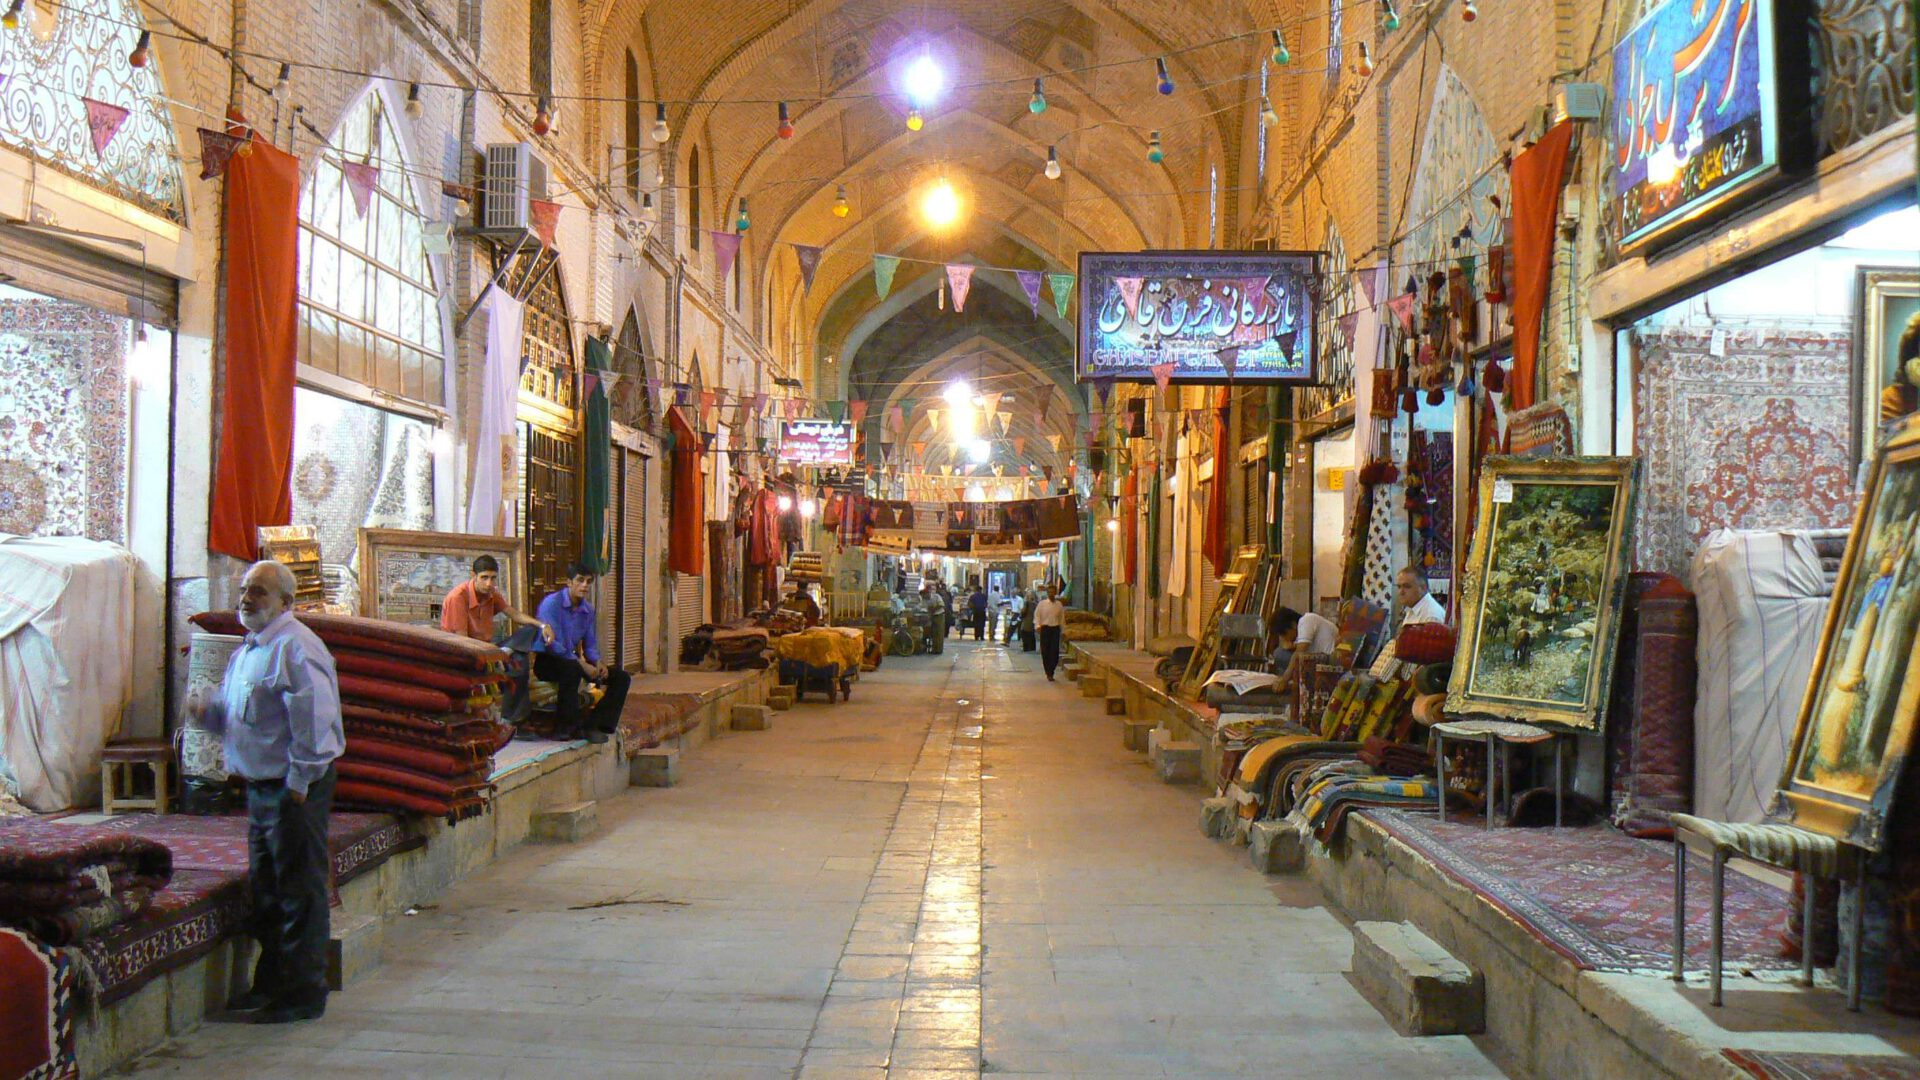 دانلود-رایگان-پاورپوینت-بازار-وکیل-شیراز-2